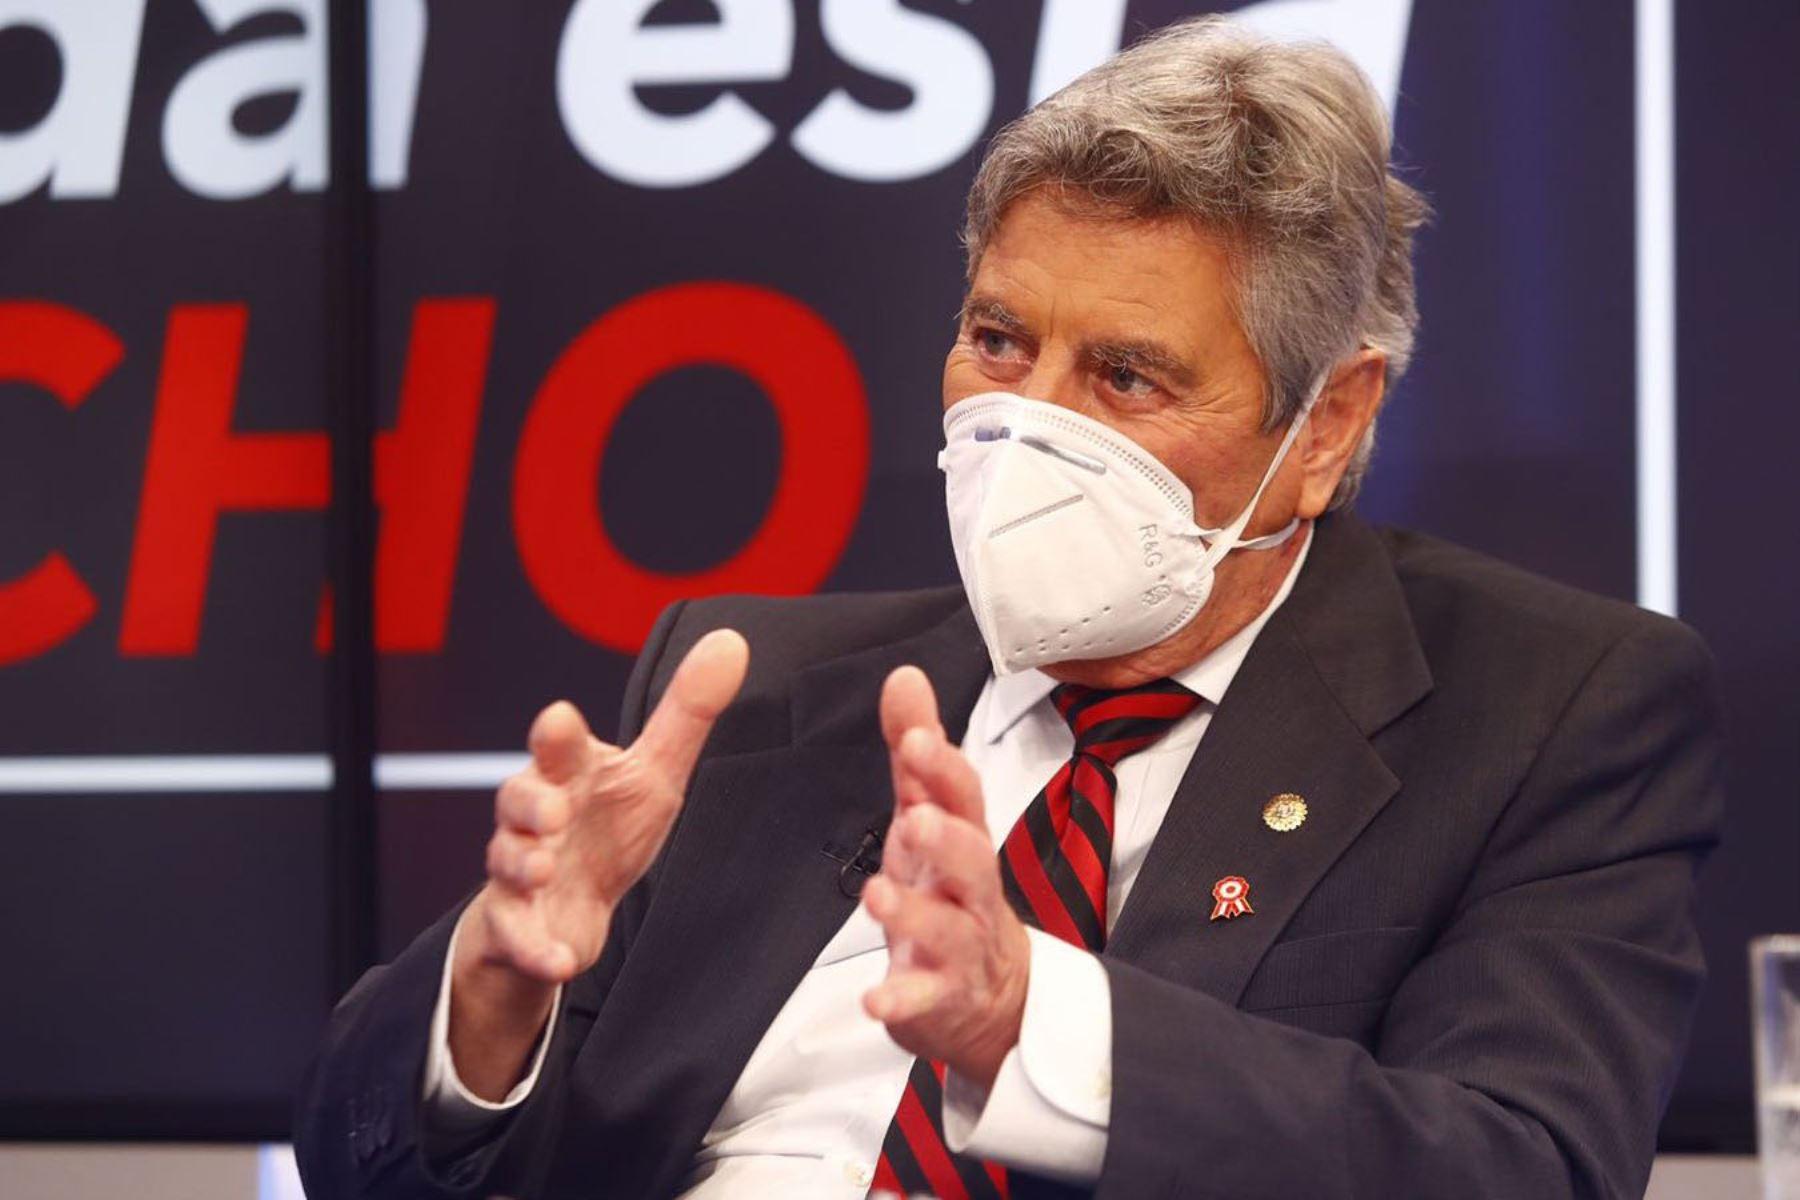 Presidente Sagasti, brinda entrevista a periodista Jaime Chincha en RPP TV. Foto: ANDINA/Prensa Presidencia